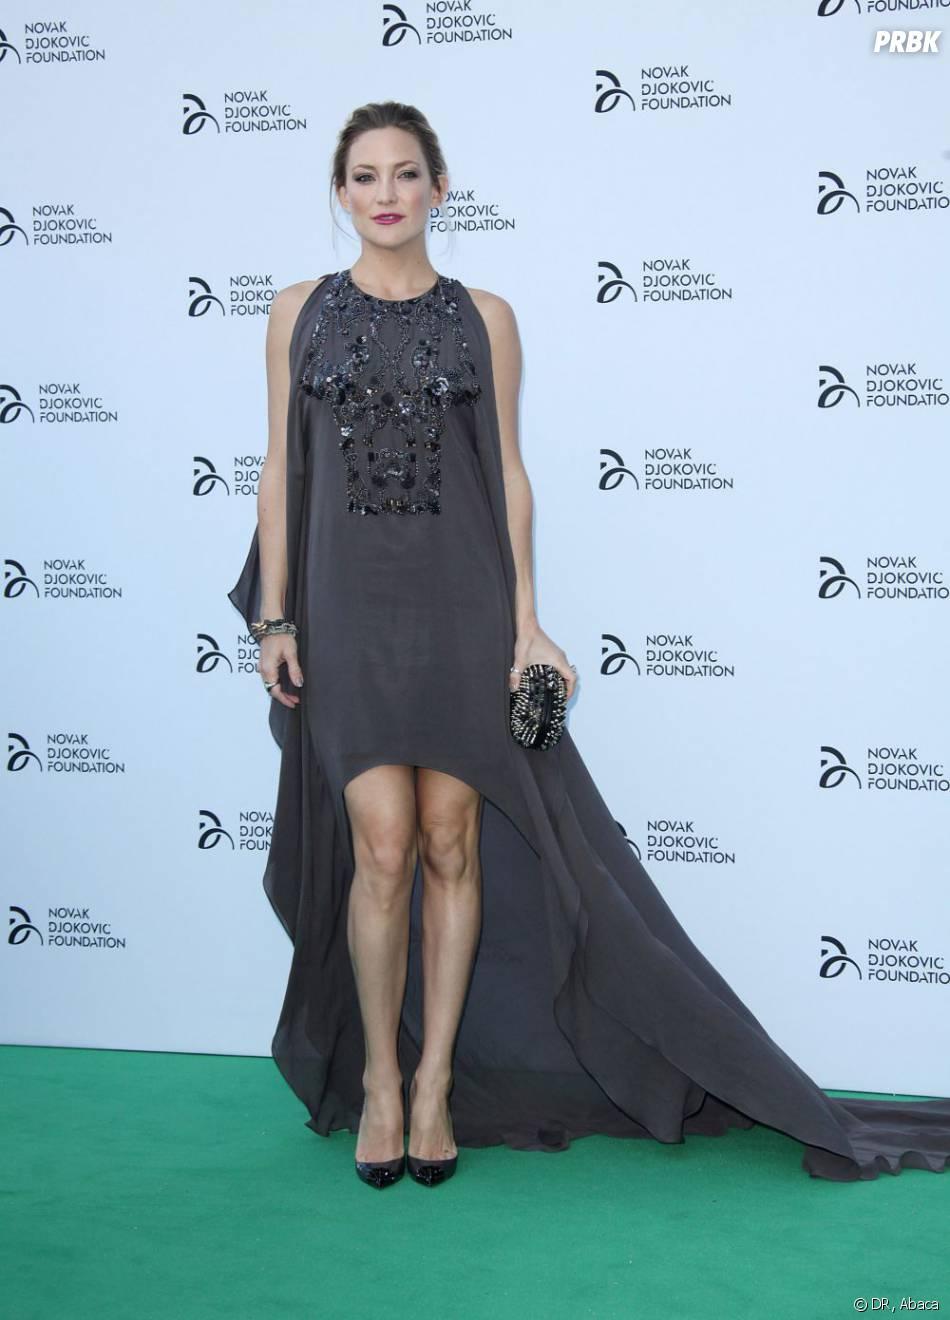 Kate Hudson lors du dîner de charité de Novak Djokovic à Londres le 8 juillet 2013.